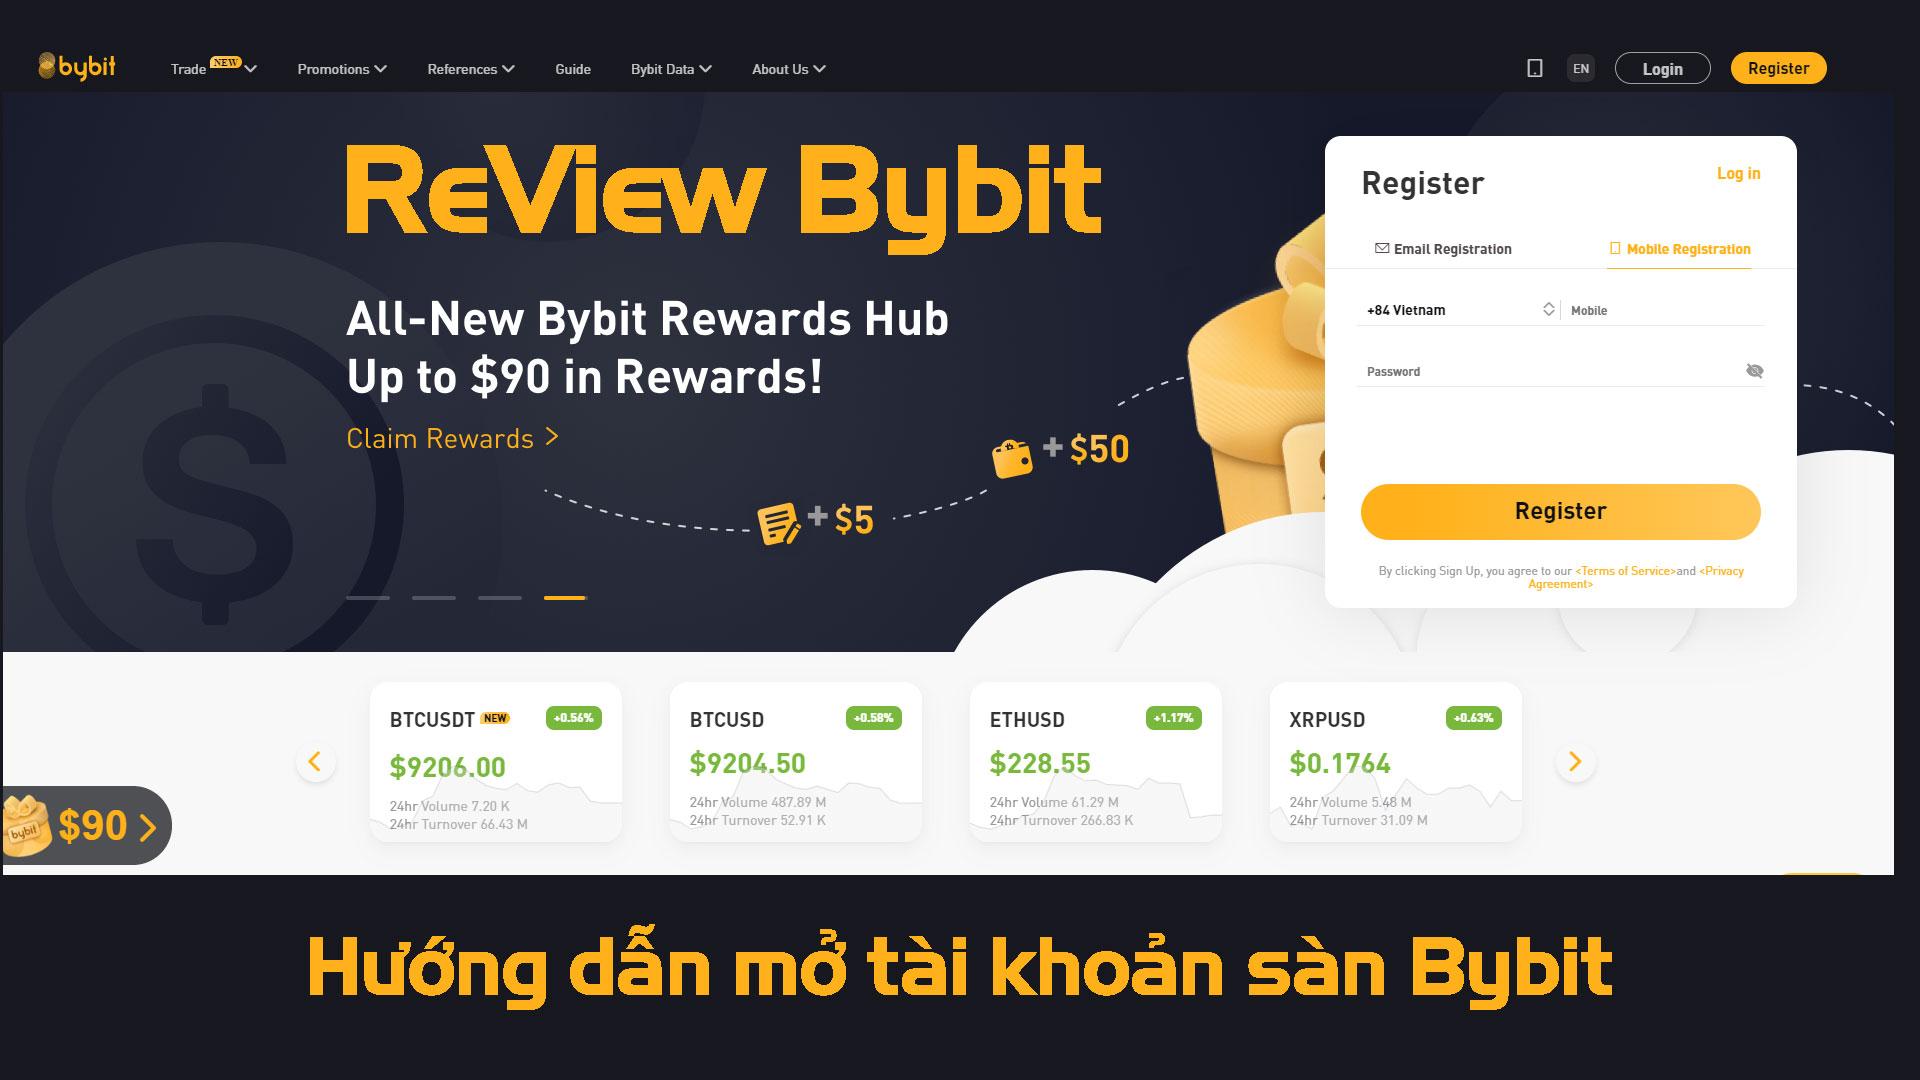 Hướng dẫn mở tài khoản sàn Bybit mới nhất